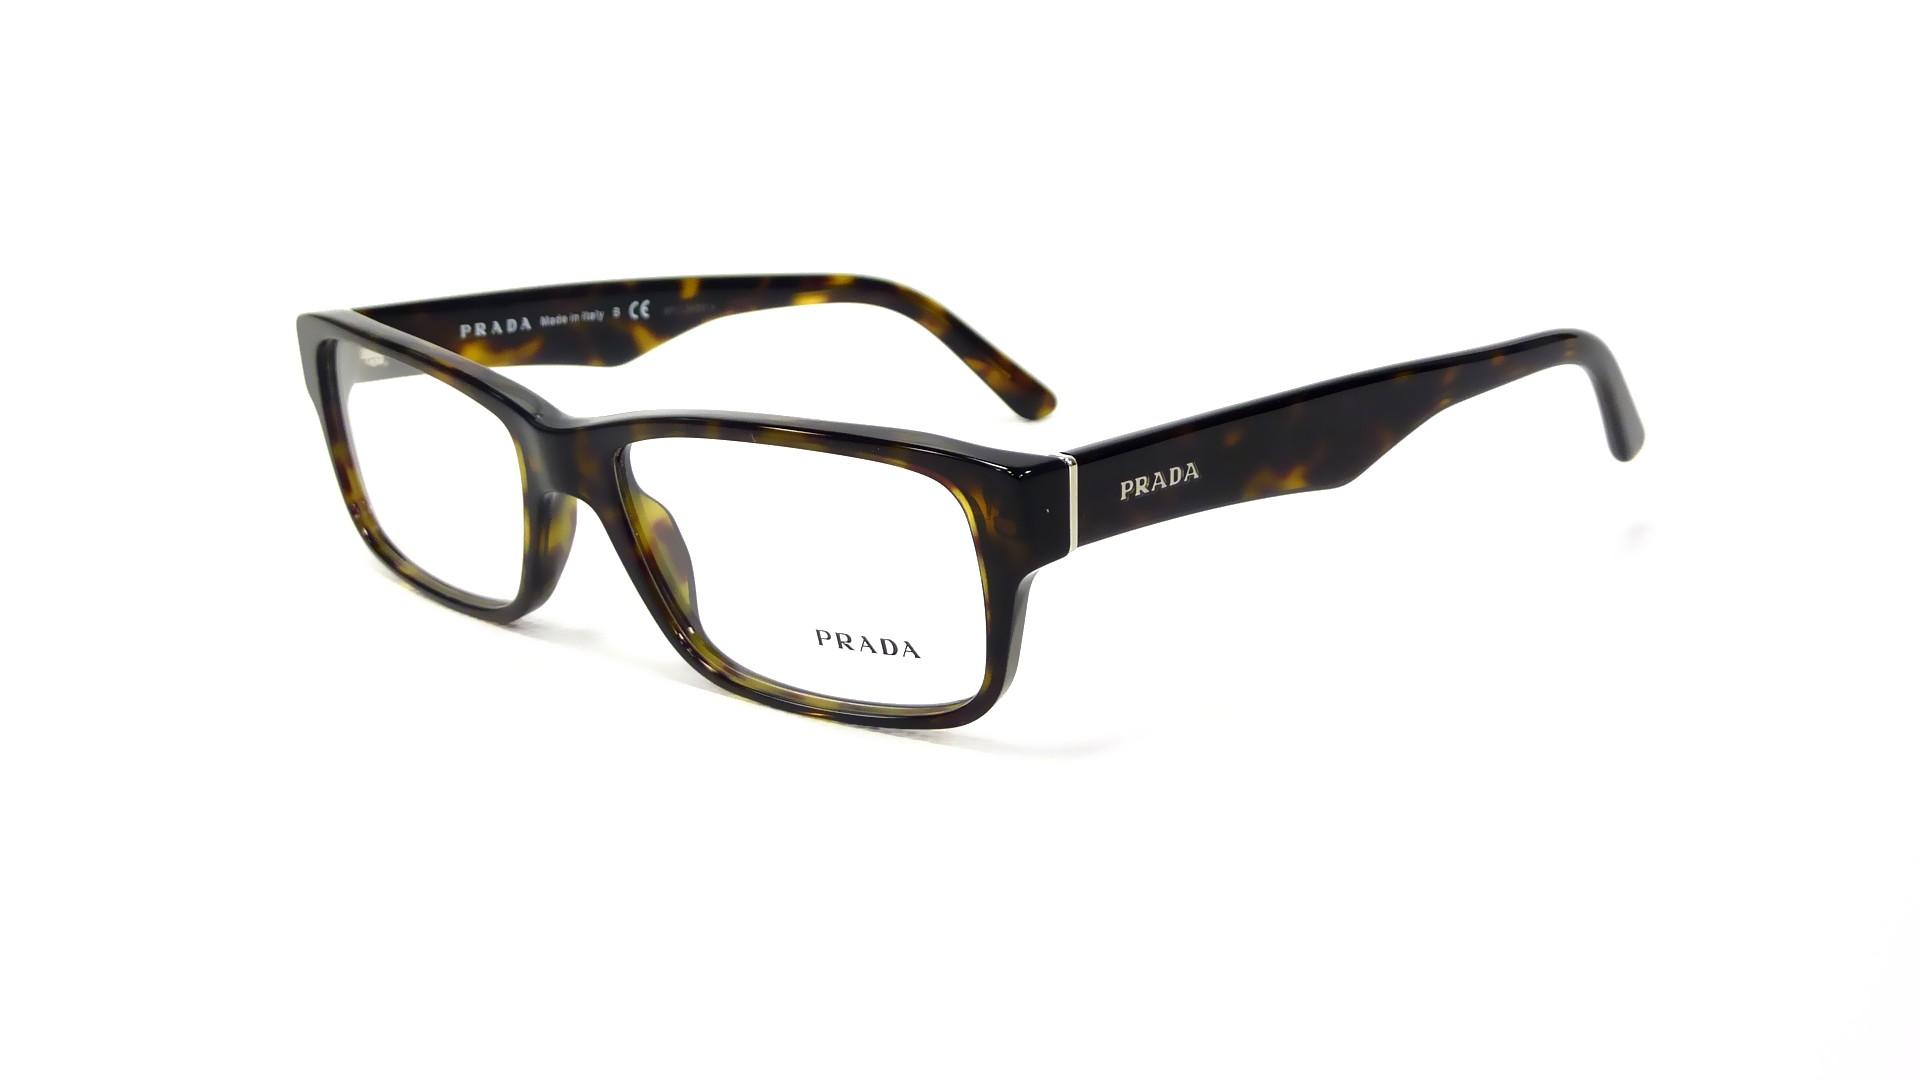 Glasses Frames Recto Or Quiapo : Prada PR 16MV 2AU 1O1 Ecaille Medium